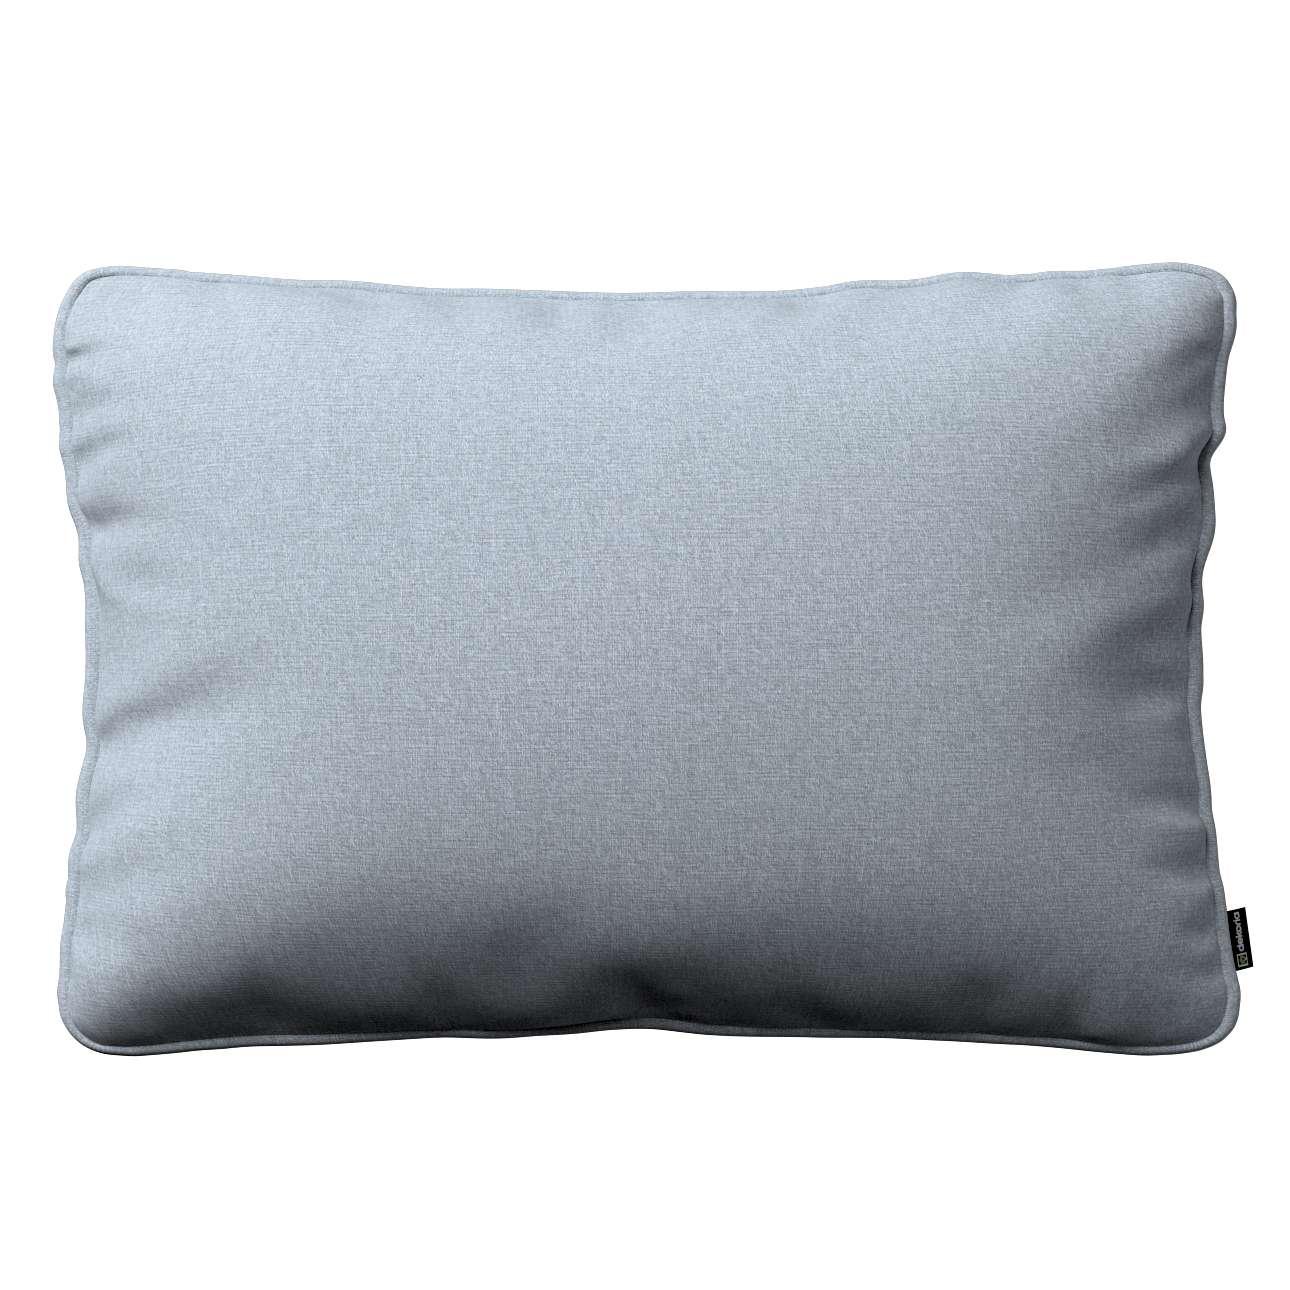 Poszewka Gabi na poduszkę prostokątna w kolekcji Amsterdam, tkanina: 704-46